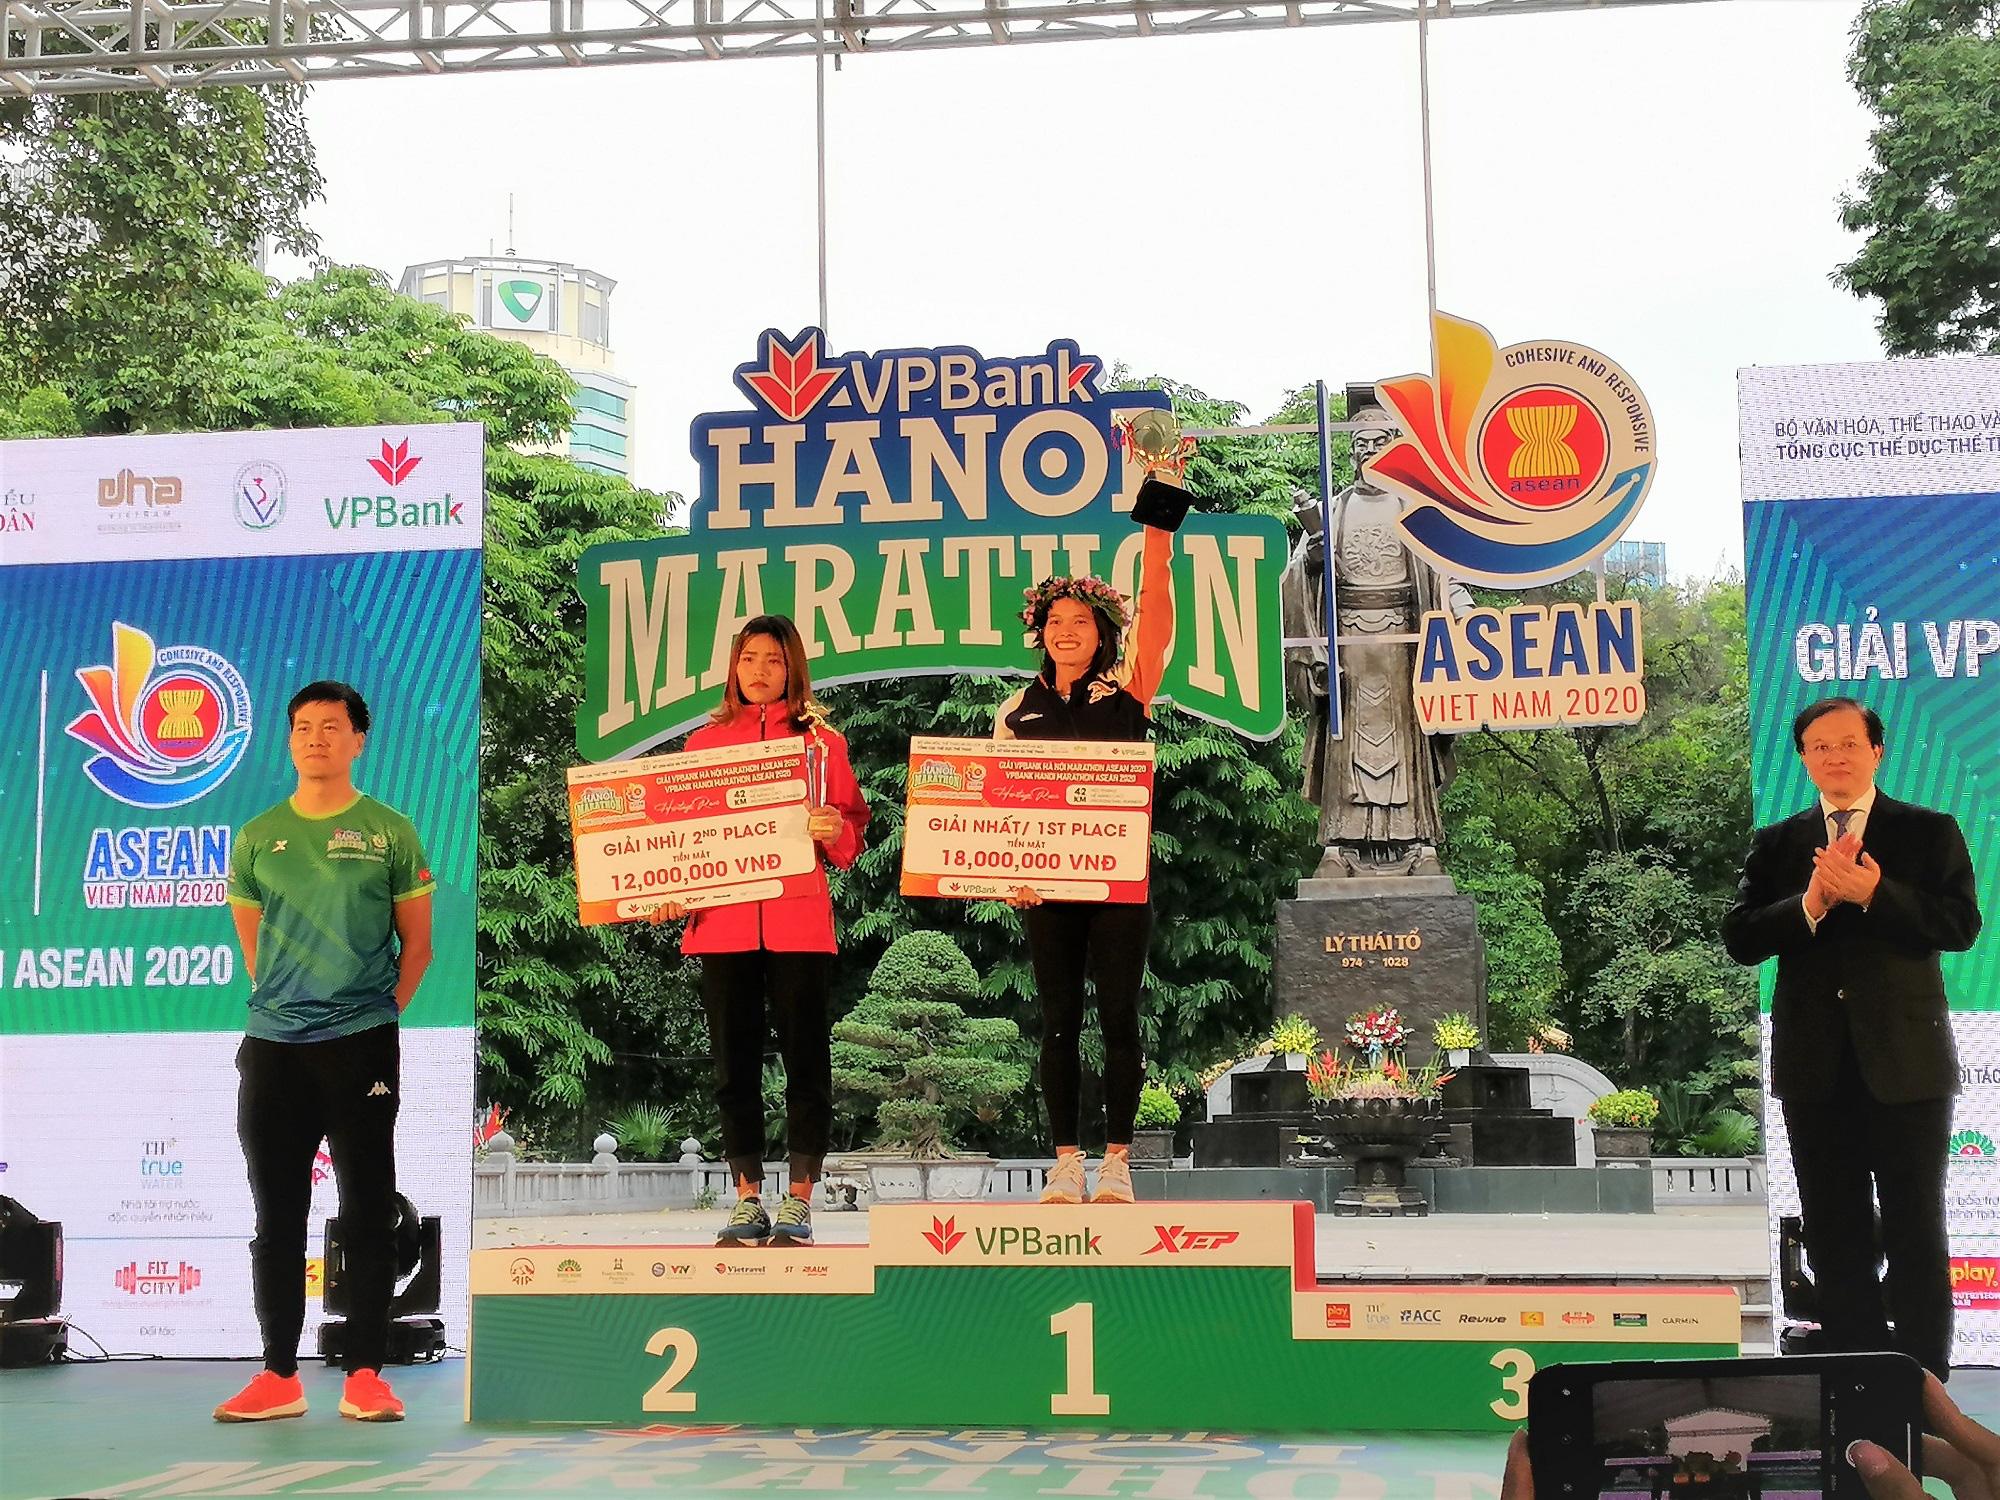 Hàng loạt thành tích ấn tượng tại VPBank Hanoi Marathon ASEAN 2020 - Ảnh 2.